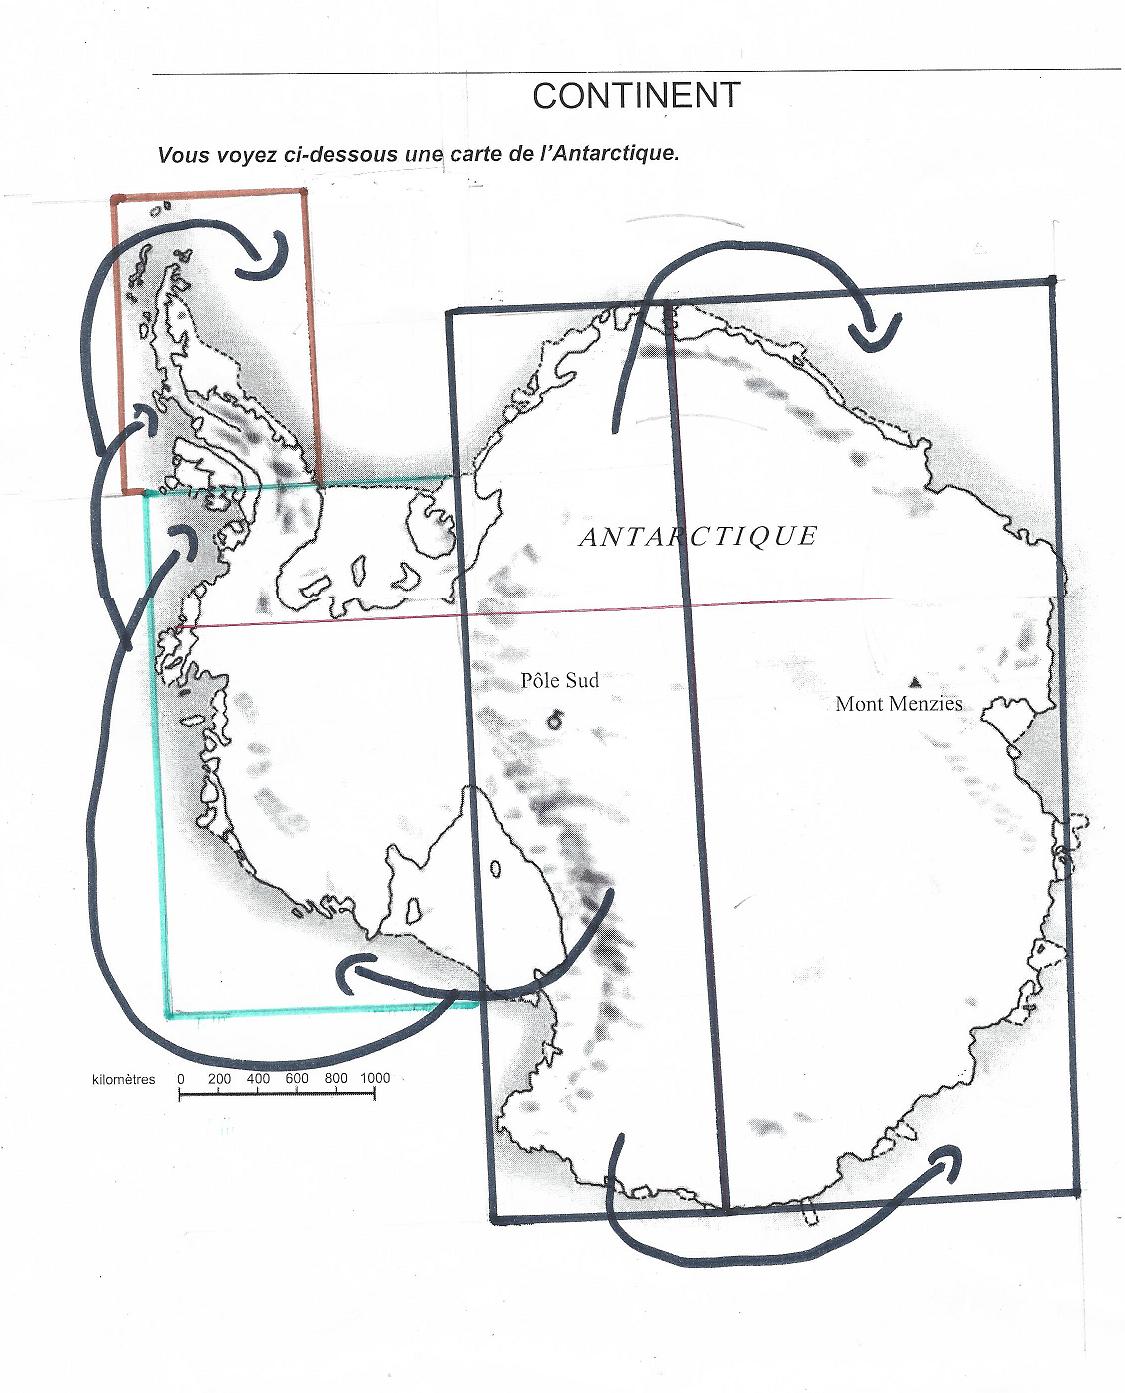 Antarctique 0